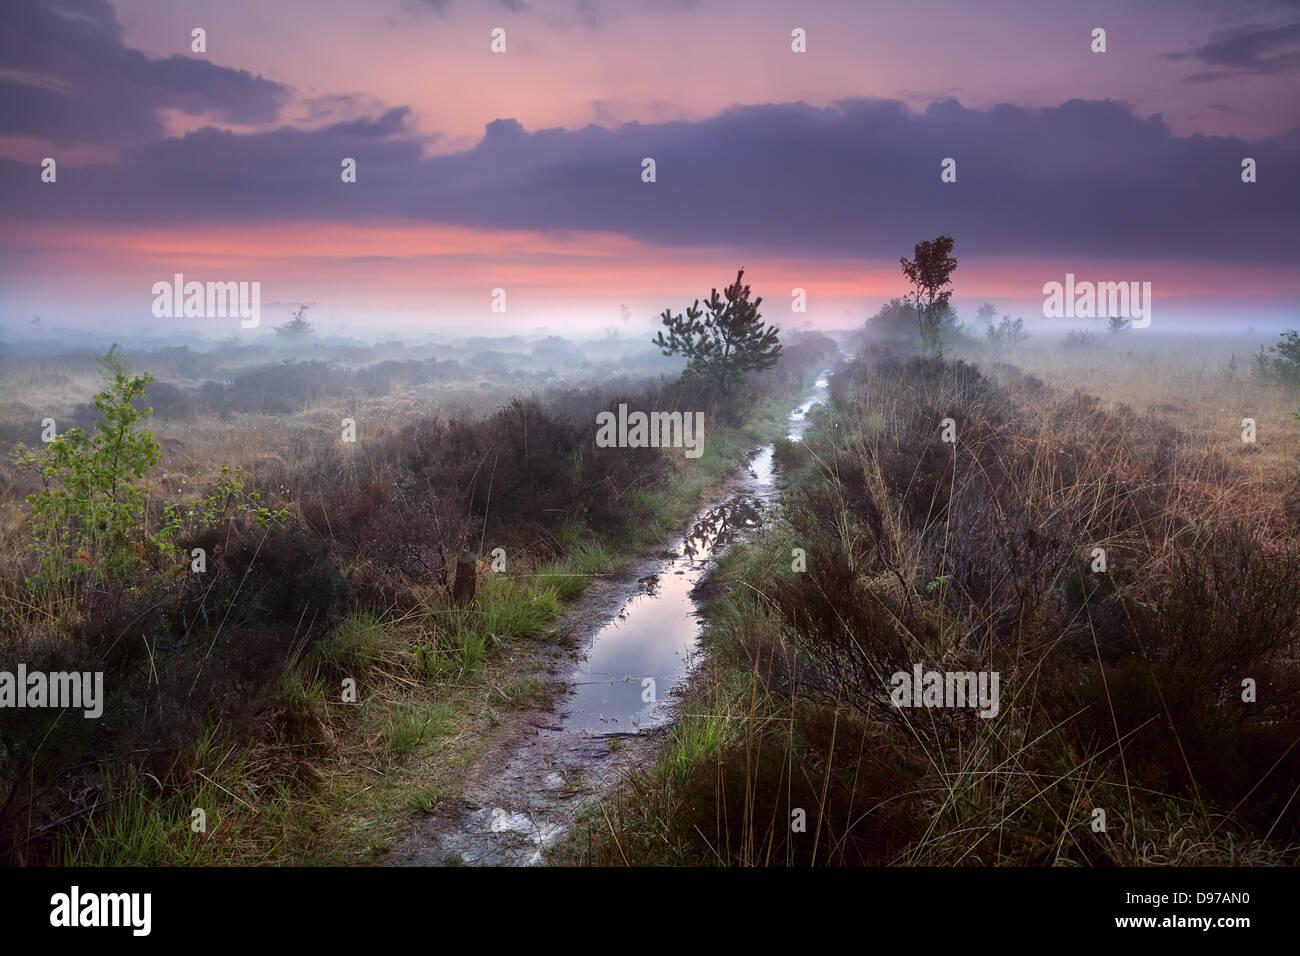 Chemin étroit dans le brouillard humide sur les marécages, Drenthe, Pays-Bas Photo Stock